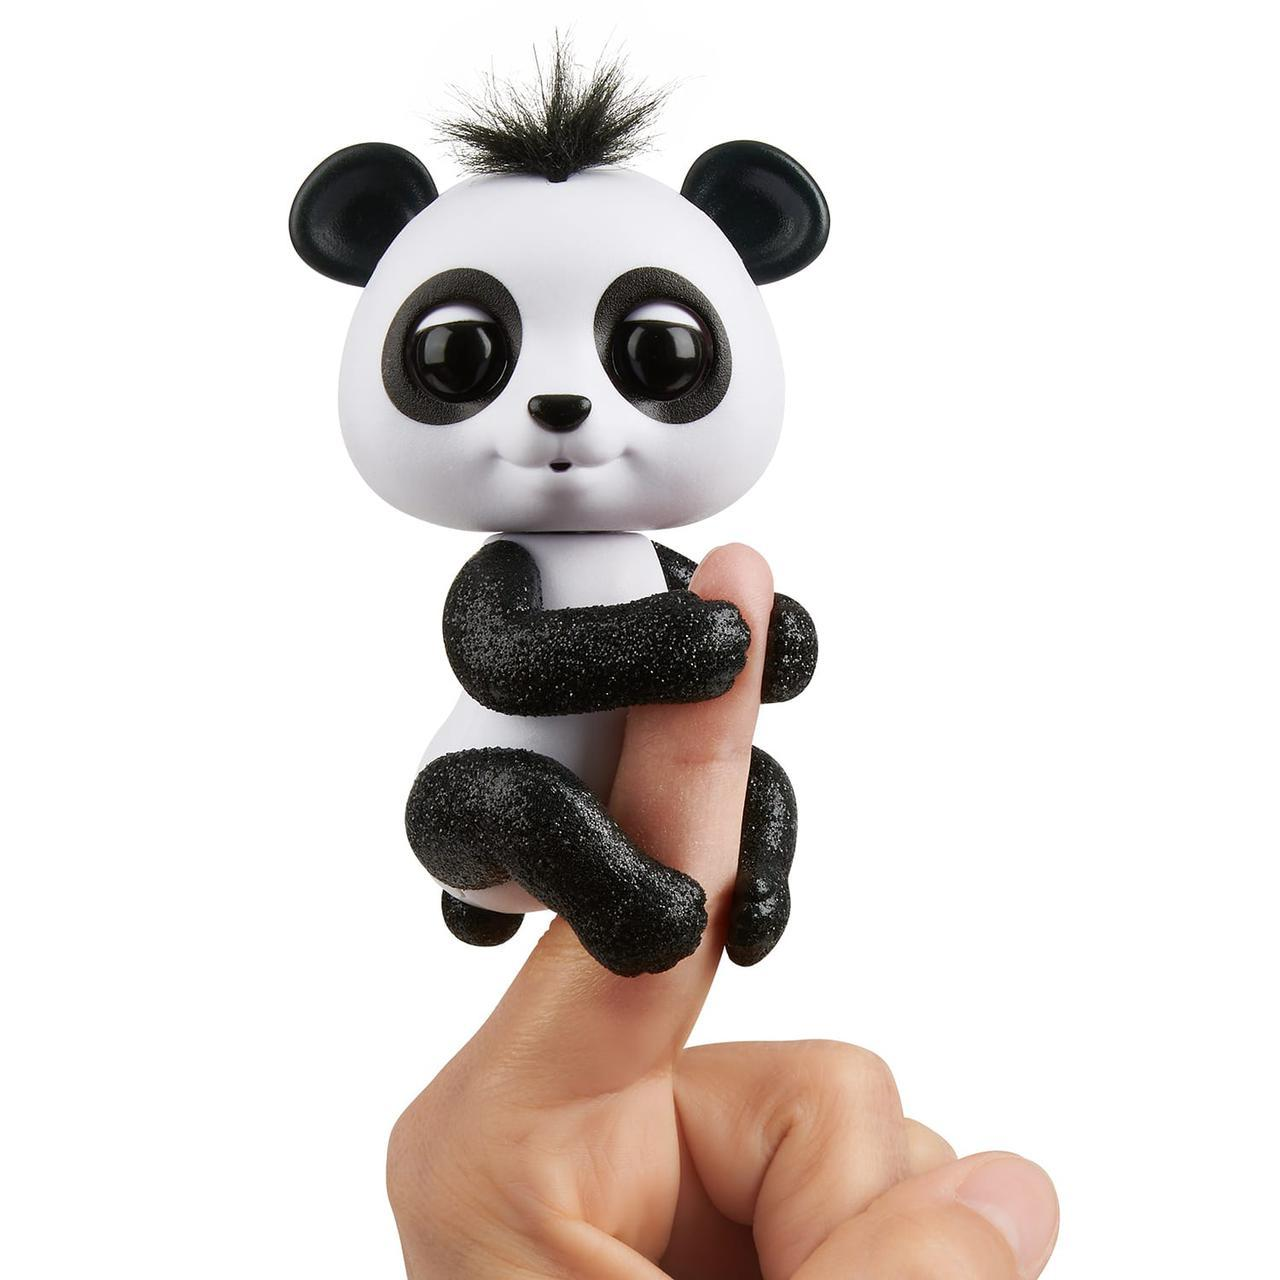 Fingerlings - Интерактивная ручная панда Дрю, Фингерлингс